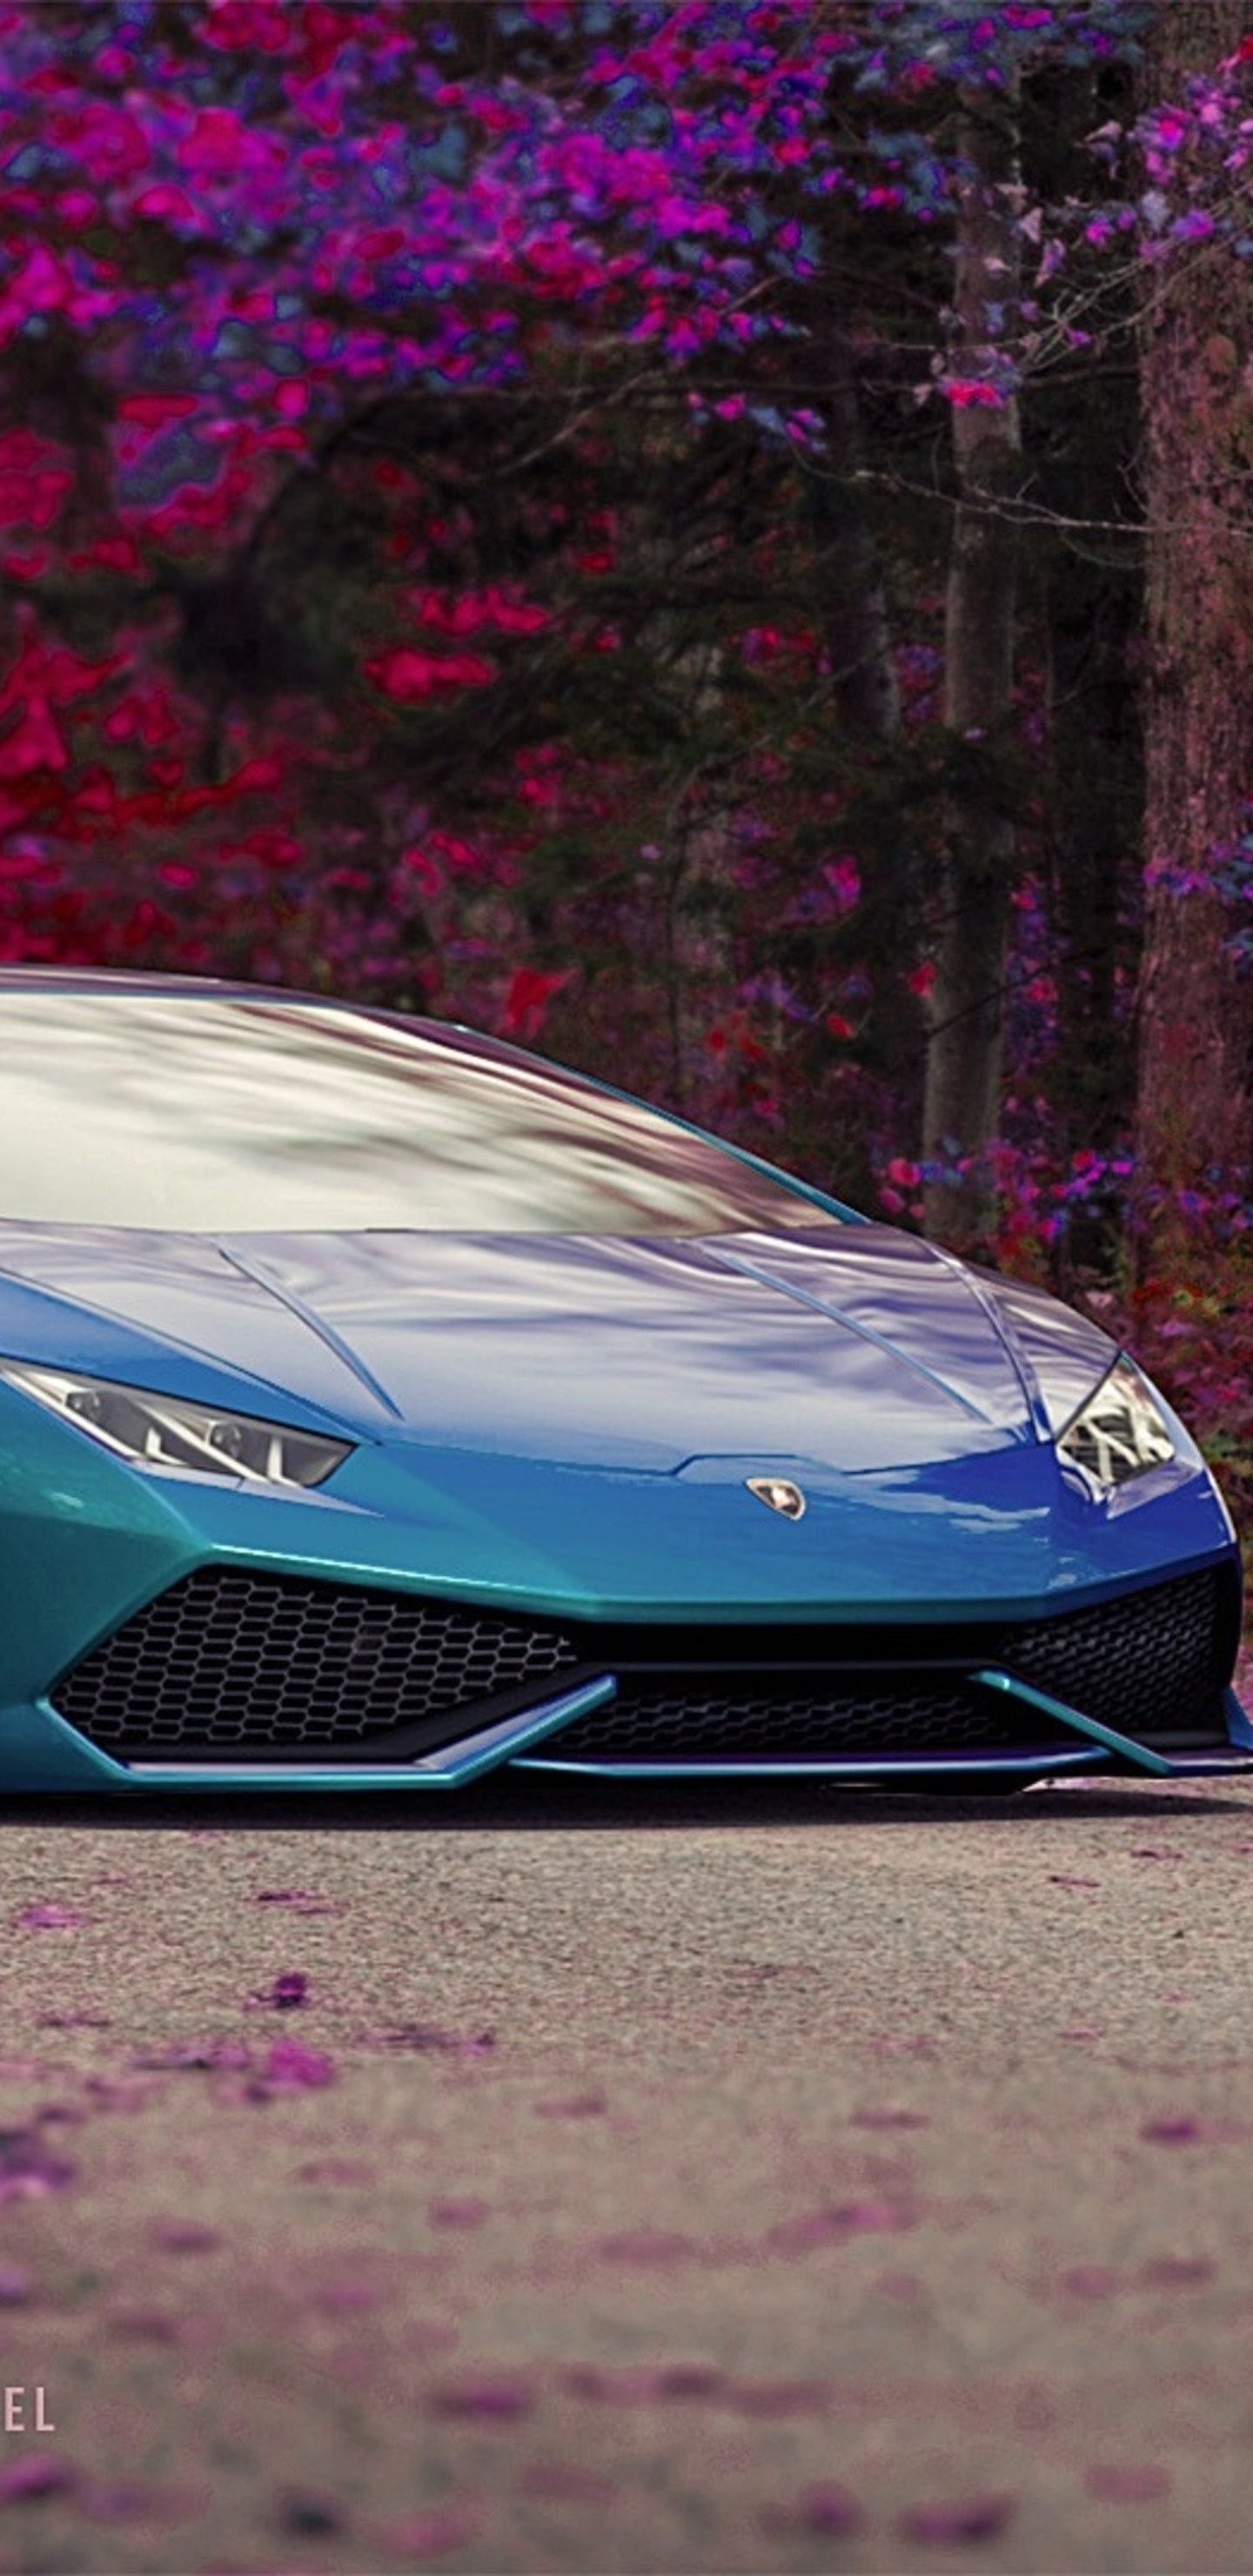 1440x2960 Blue Lamborghini Huracan Car Samsung Galaxy Note 9 8 S9